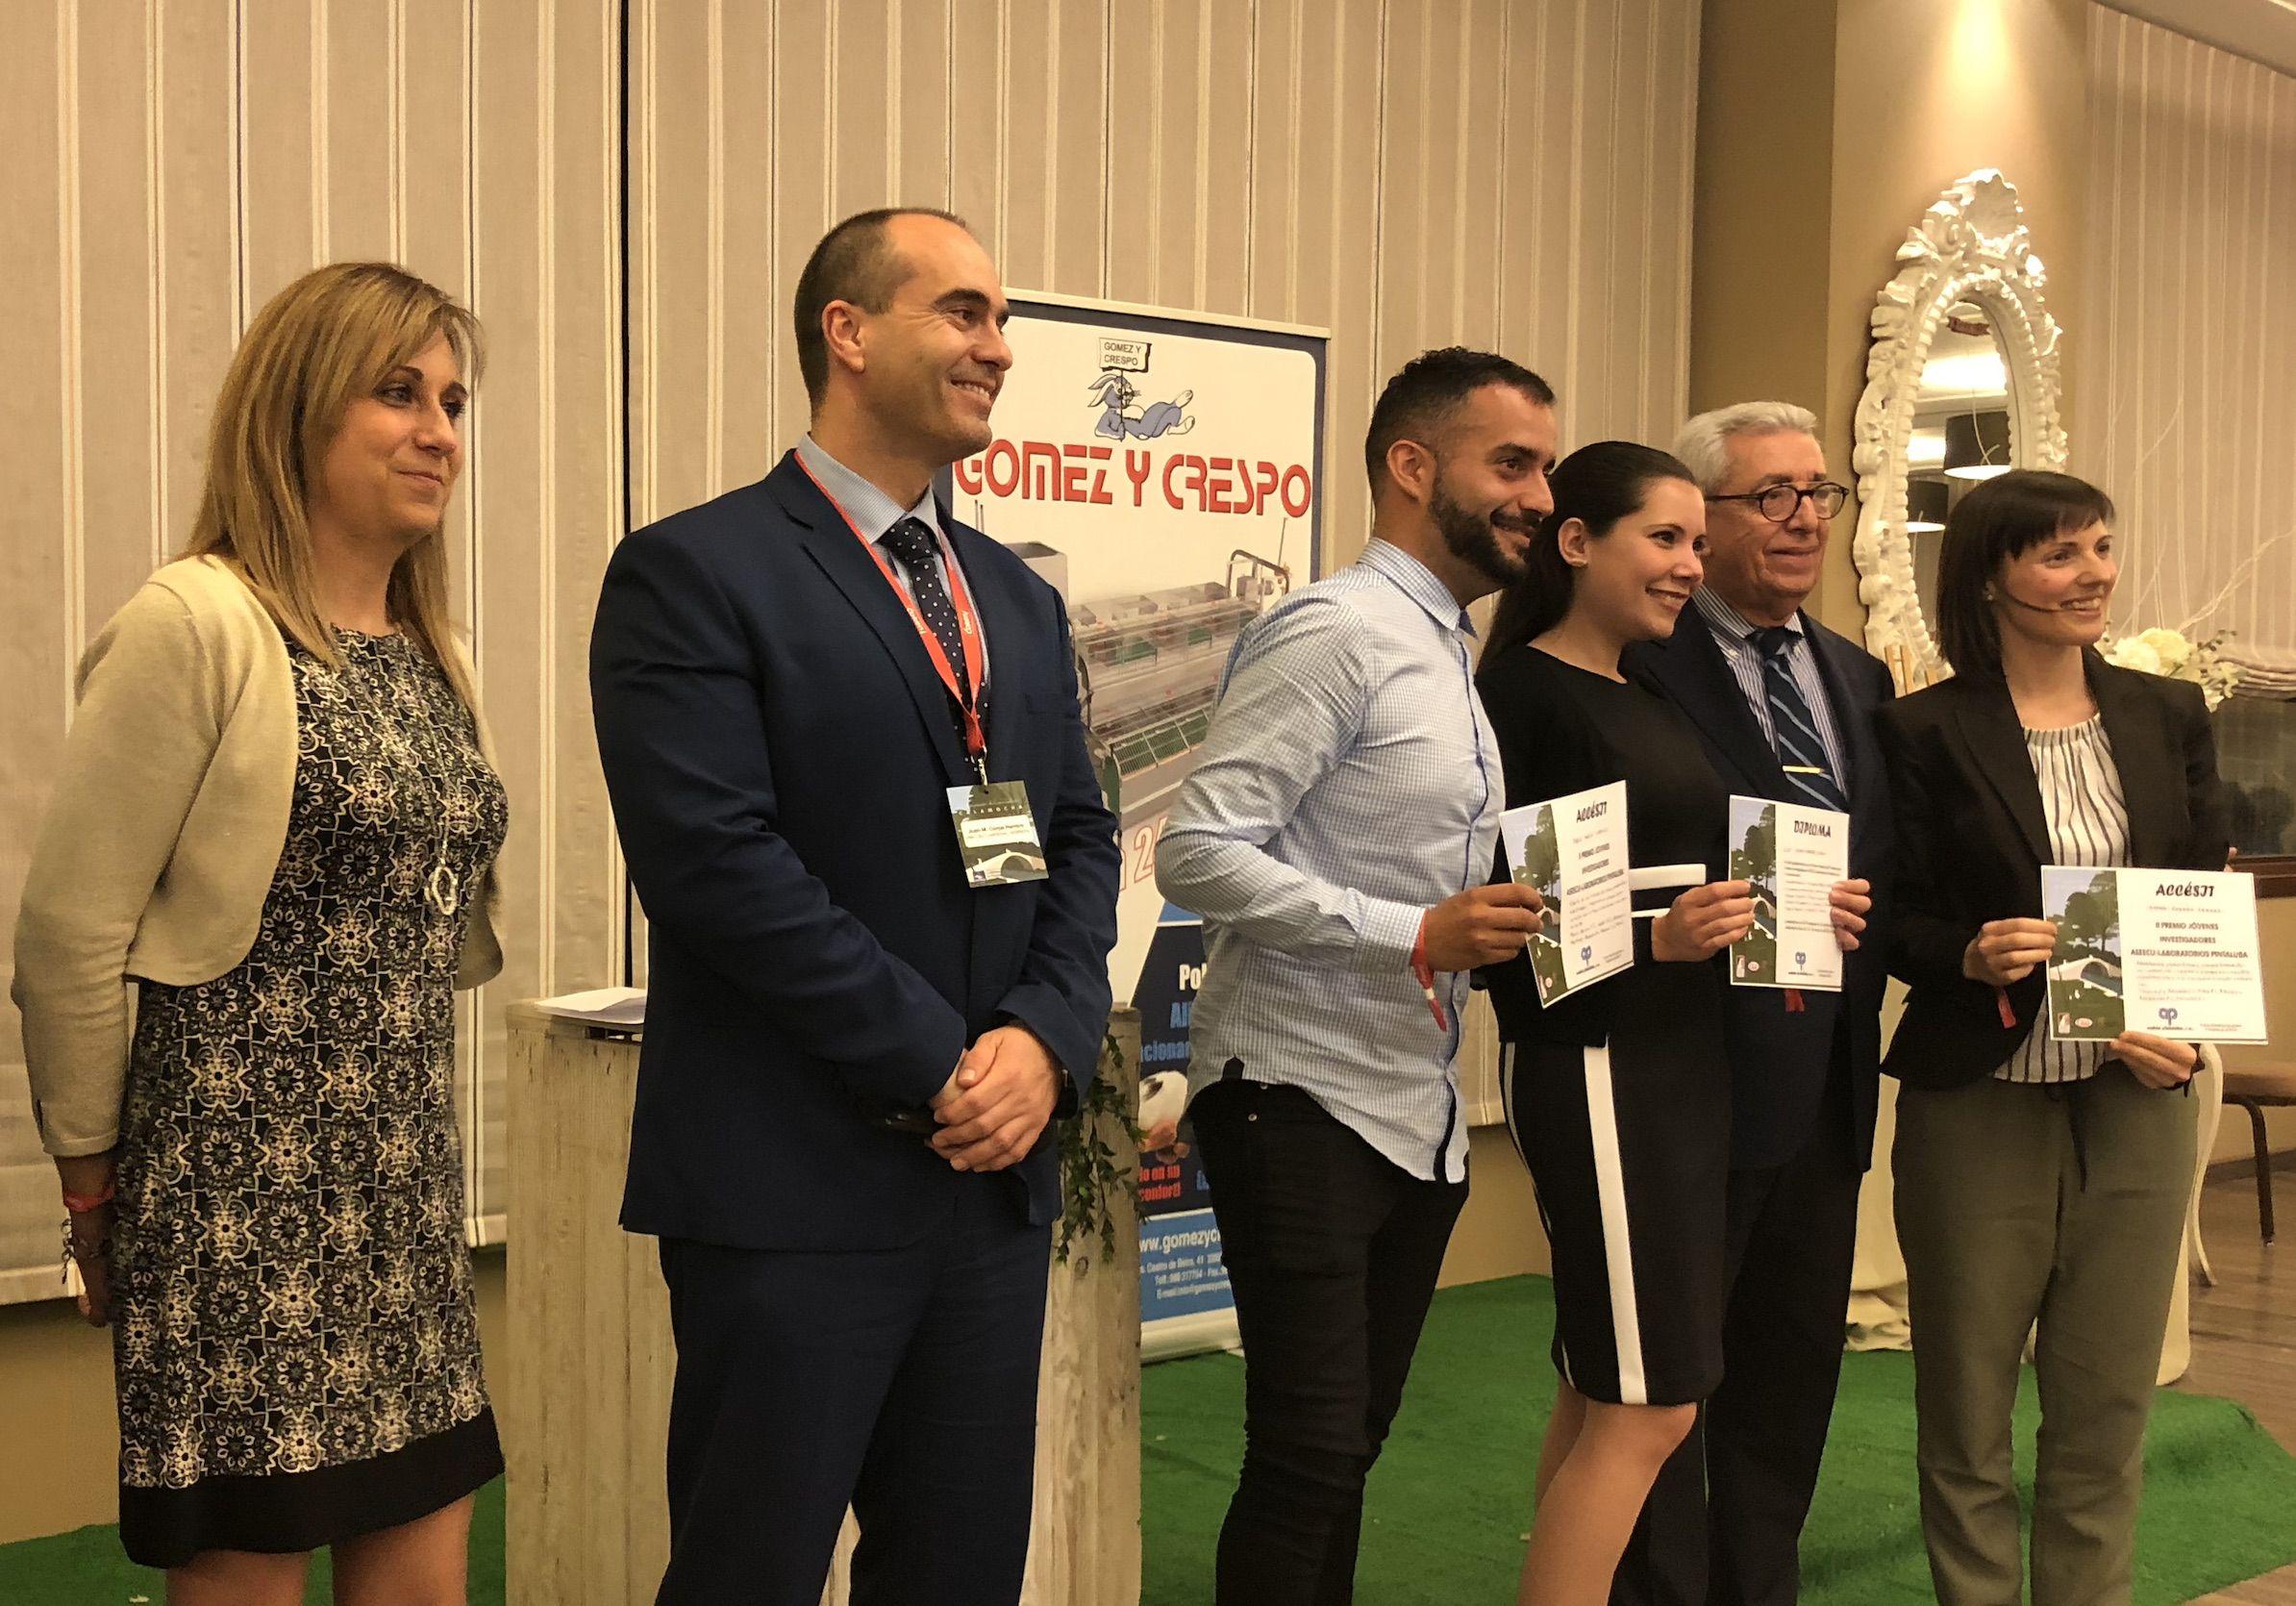 Elena Moreno, ganadora del premio Jóvenes Investigadores de ASESCU, y Cristina Zomeño, alumni ganadora de uno de los dos accésits, en la entrega de los galardones.